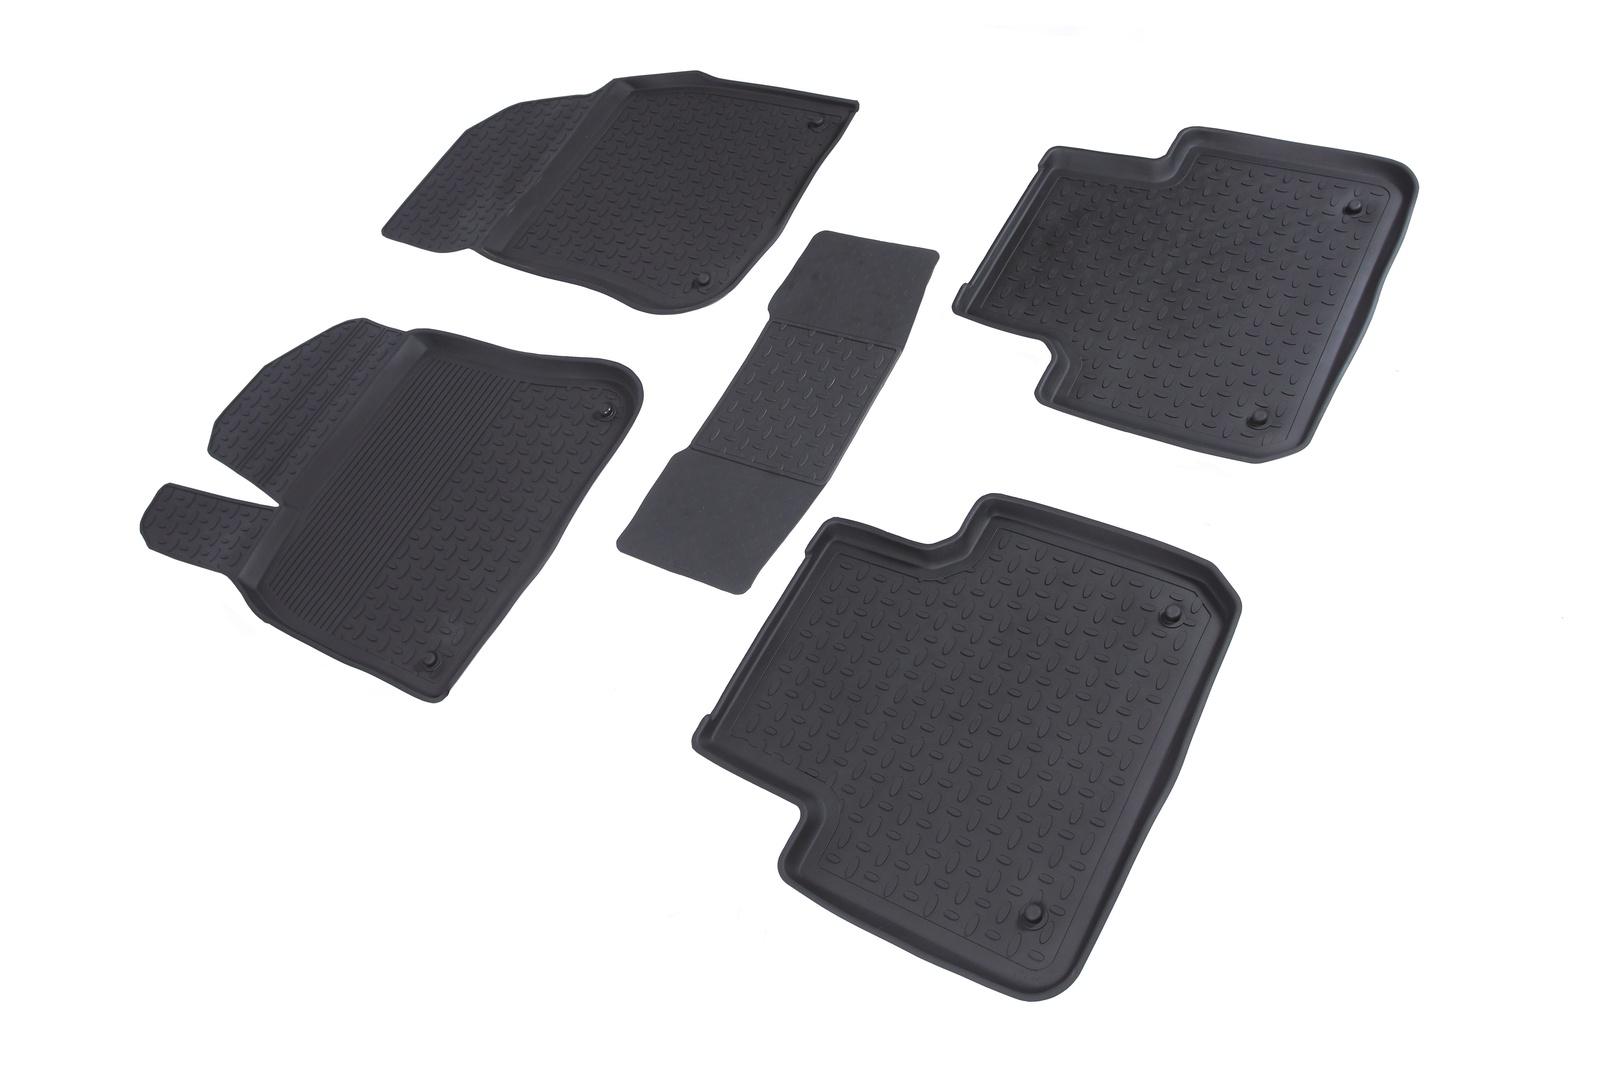 цена на Коврики в салон автомобиля Seintex Резиновые коврики с высоким бортом для Lifan Solano I 2008-2016